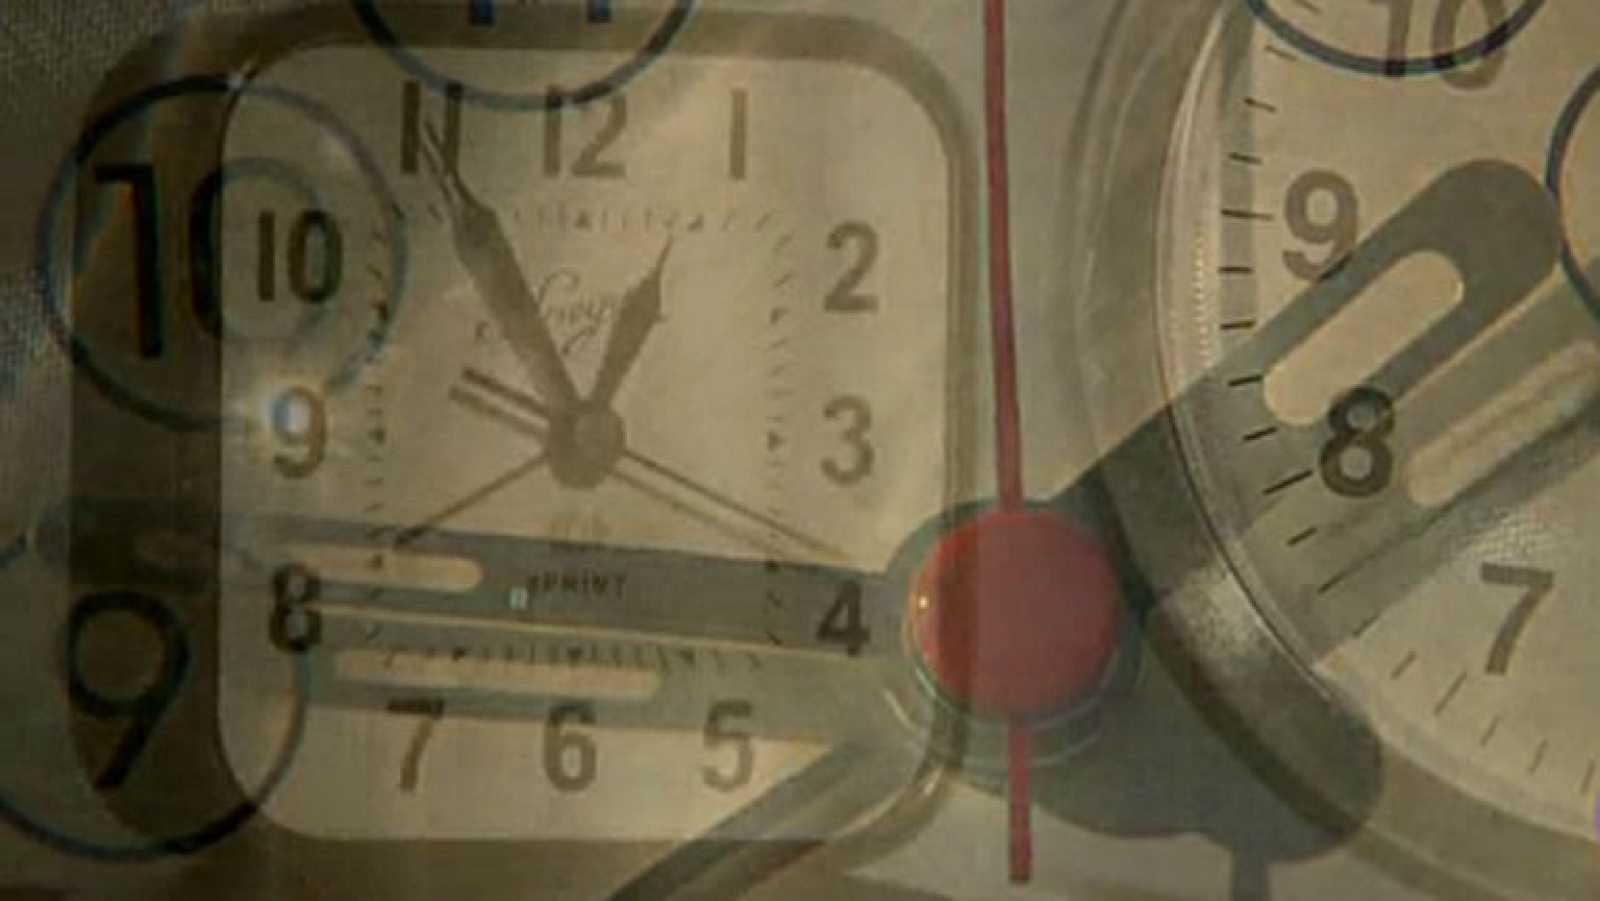 El ser humano percibe más rápido el paso del tiempo al caer en la rutina